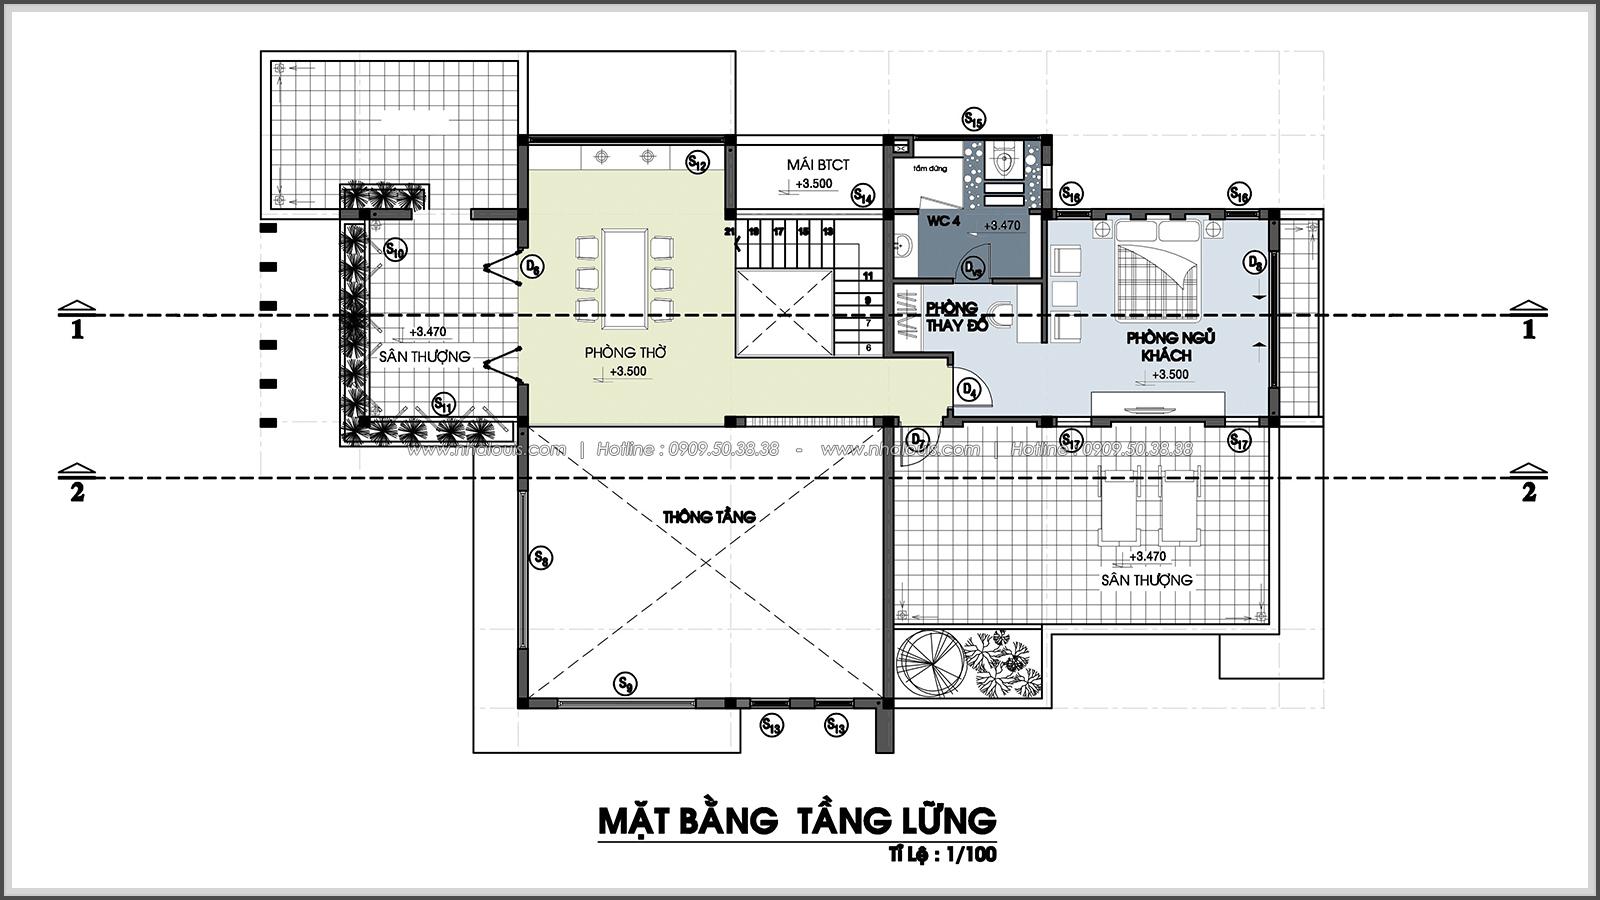 Biệt thự vườn 2 tầng 3 phòng ngủ tại Kiên Giang đẹp hiện đại, tinh tế - 3